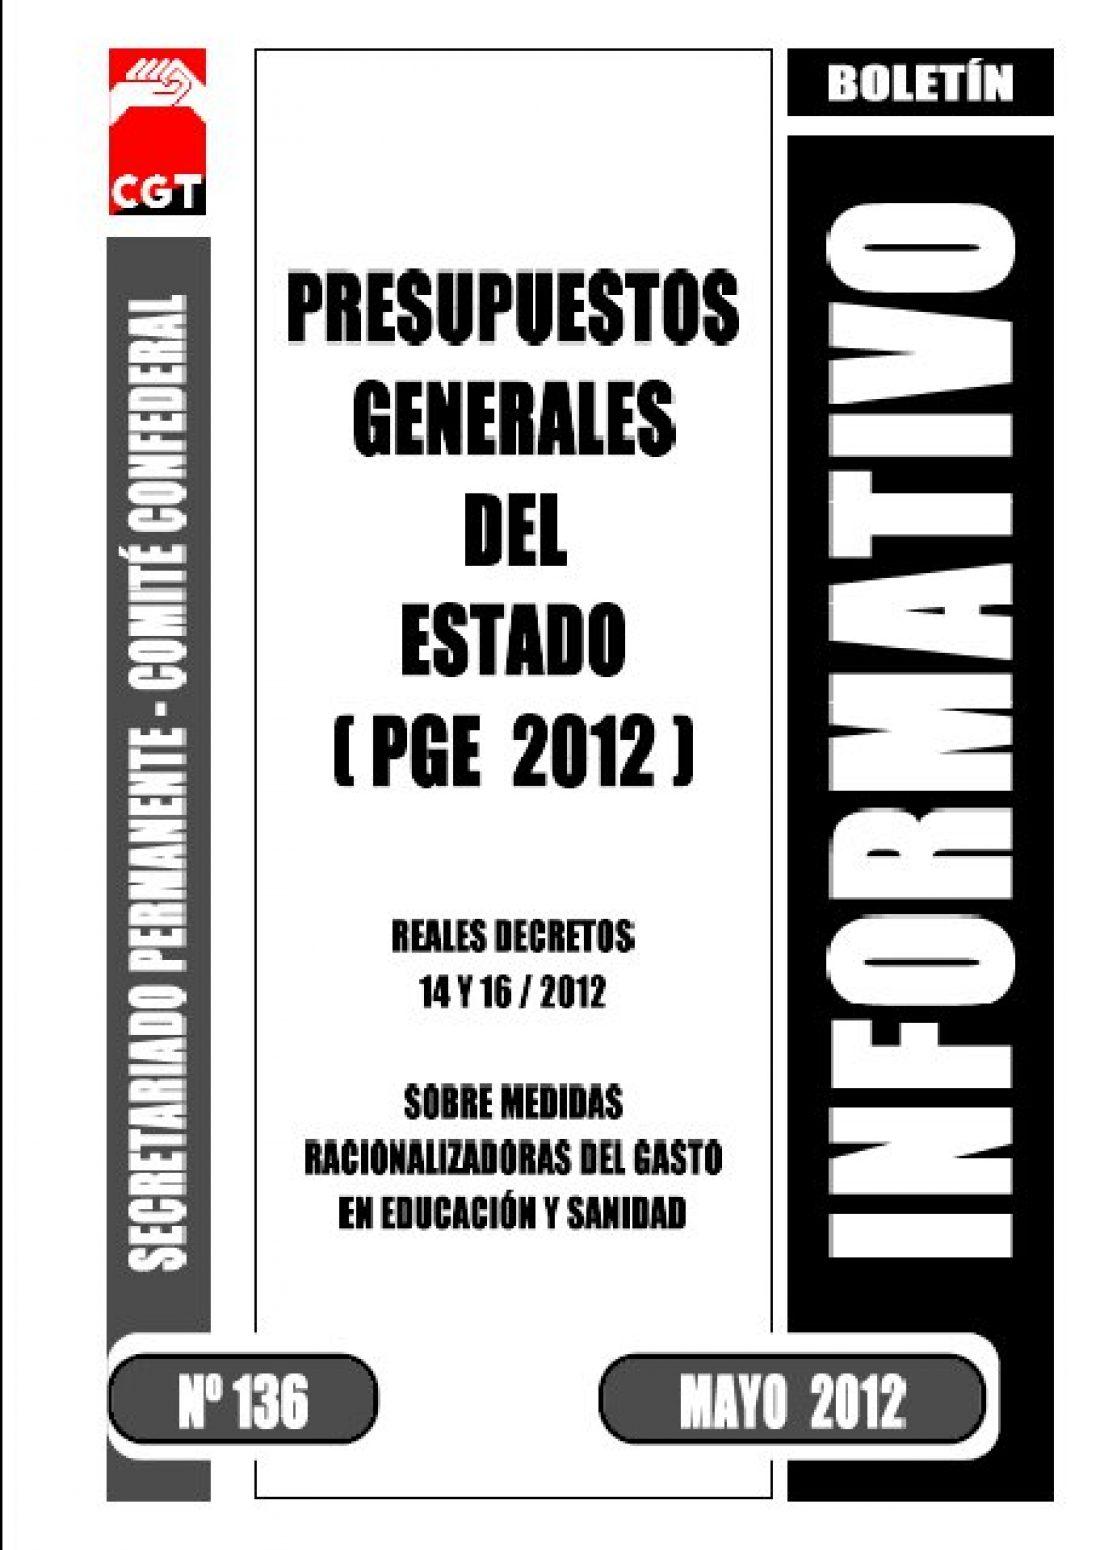 Boletin 136: Presupuestos Generales del Estado (PGE 2012)